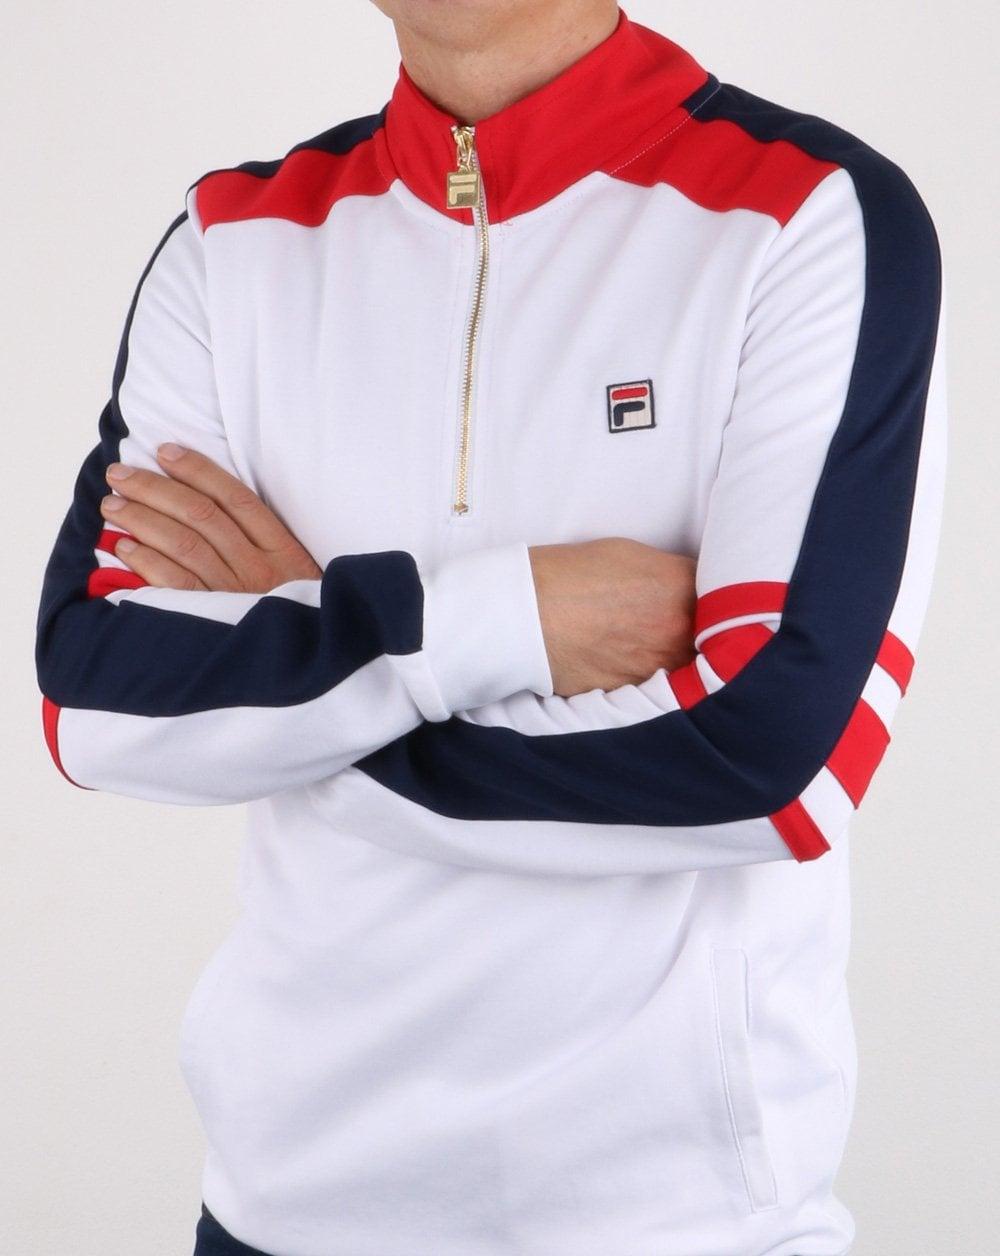 Fila Vintage Alastair Half Zip Track Top Sweatshirt White Red Navy